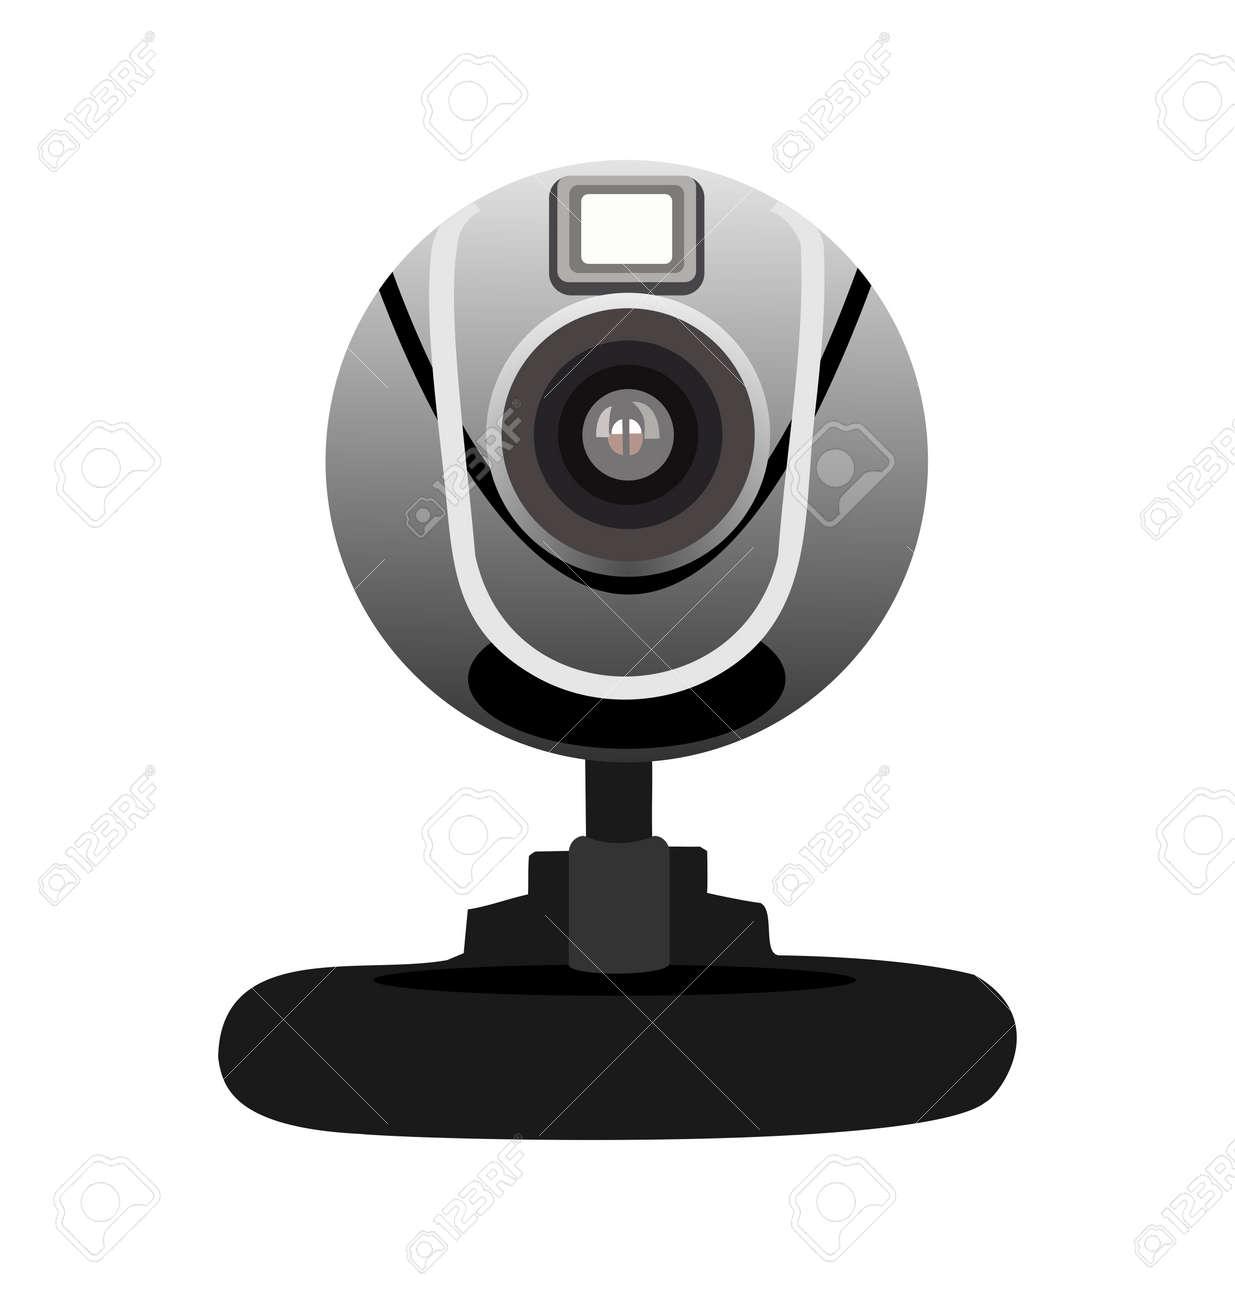 web カメラの現実的なイラスト ロイヤリティフリークリップアート